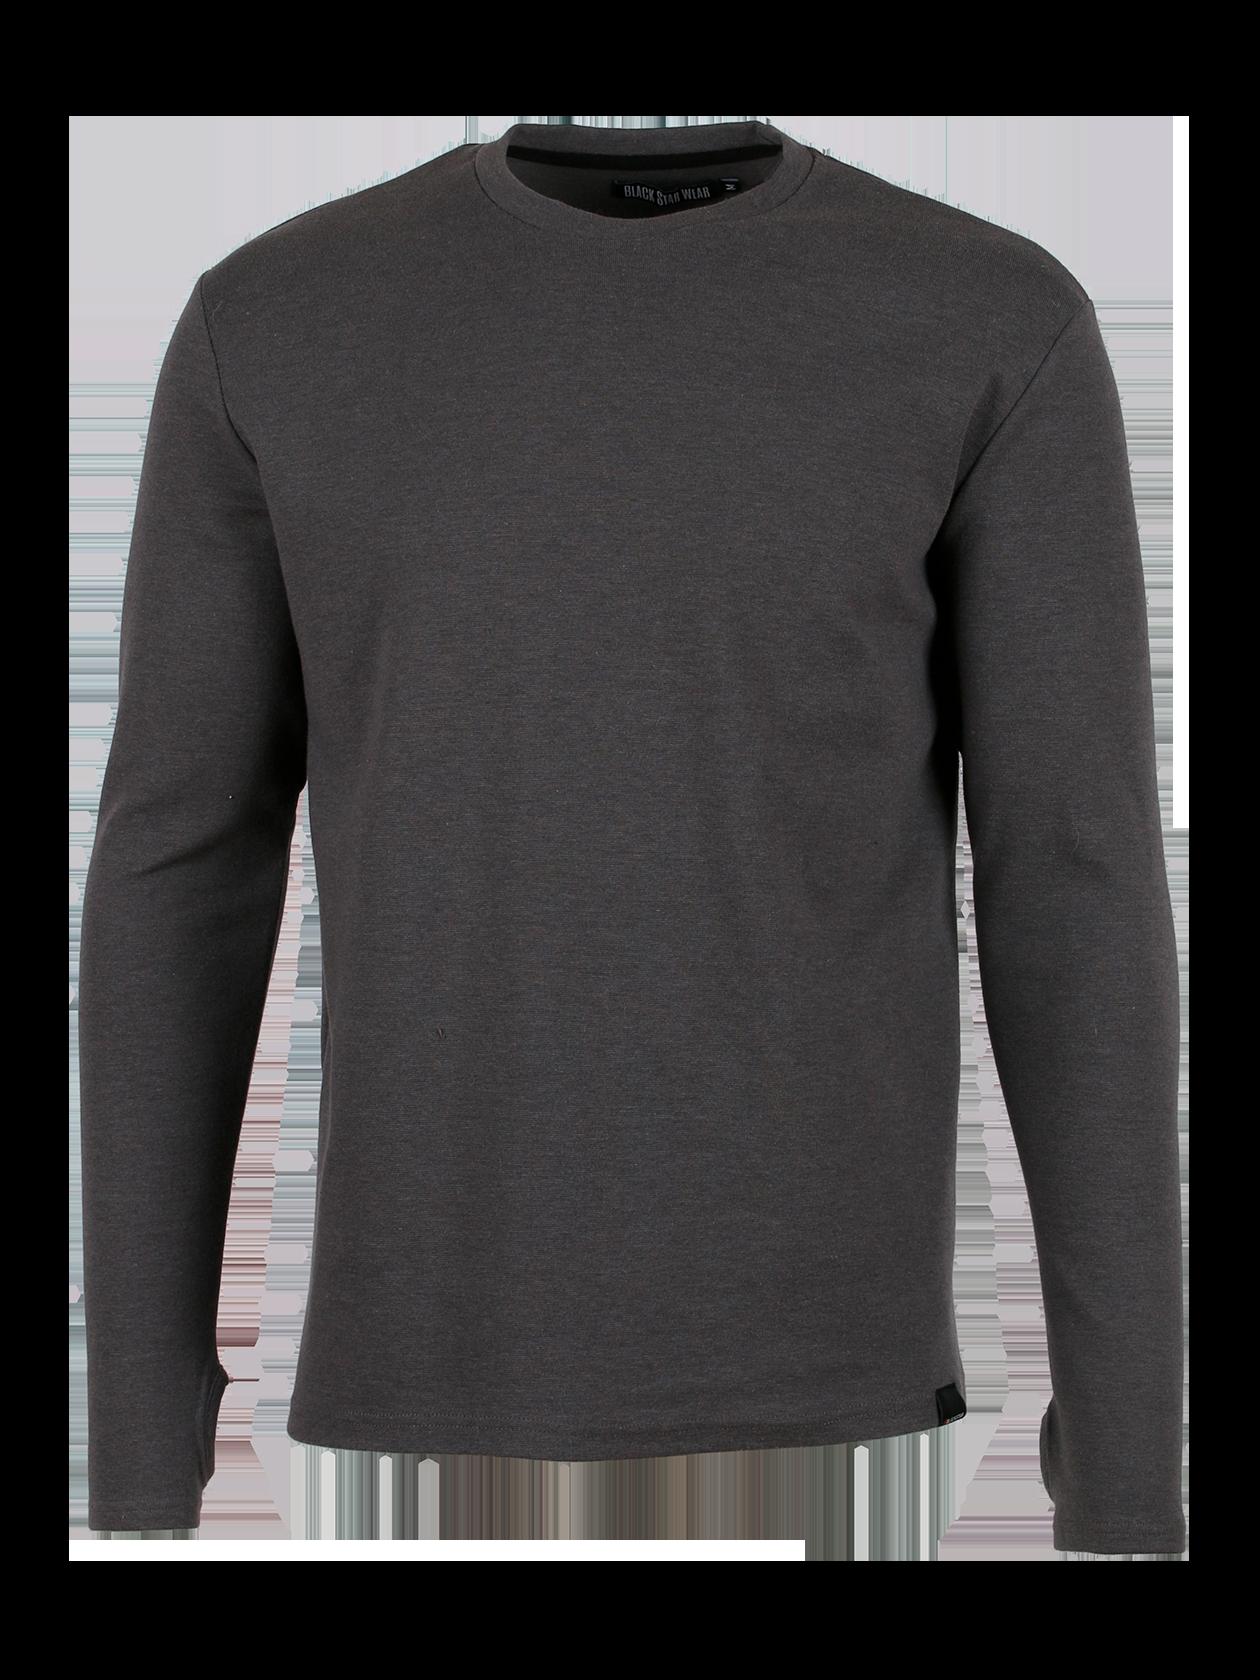 Лонгслив мужской RIB BLACK STARЛонгслив мужской Rib Black Star из линейки одежды Basic – незаменимая вещь в повседневном гардеробе. Модель лаконичного дизайна изготовлена из натурального износостойкого футера. Базовая серая расцветка актуальна в любом сезоне. Крой прямой, полуоблегающий. Узкая горловина округлой формы с жаккардовым логотипом Black Star Wear на внутреннем крае. Внизу с левого бока фирменная нашивка. Рукав дополнен выемкой для большого пальца. Стильный вариант на каждый день по демократичной цене.<br><br>Размер: S<br>Цвет: Серый<br>Пол: Унисекс